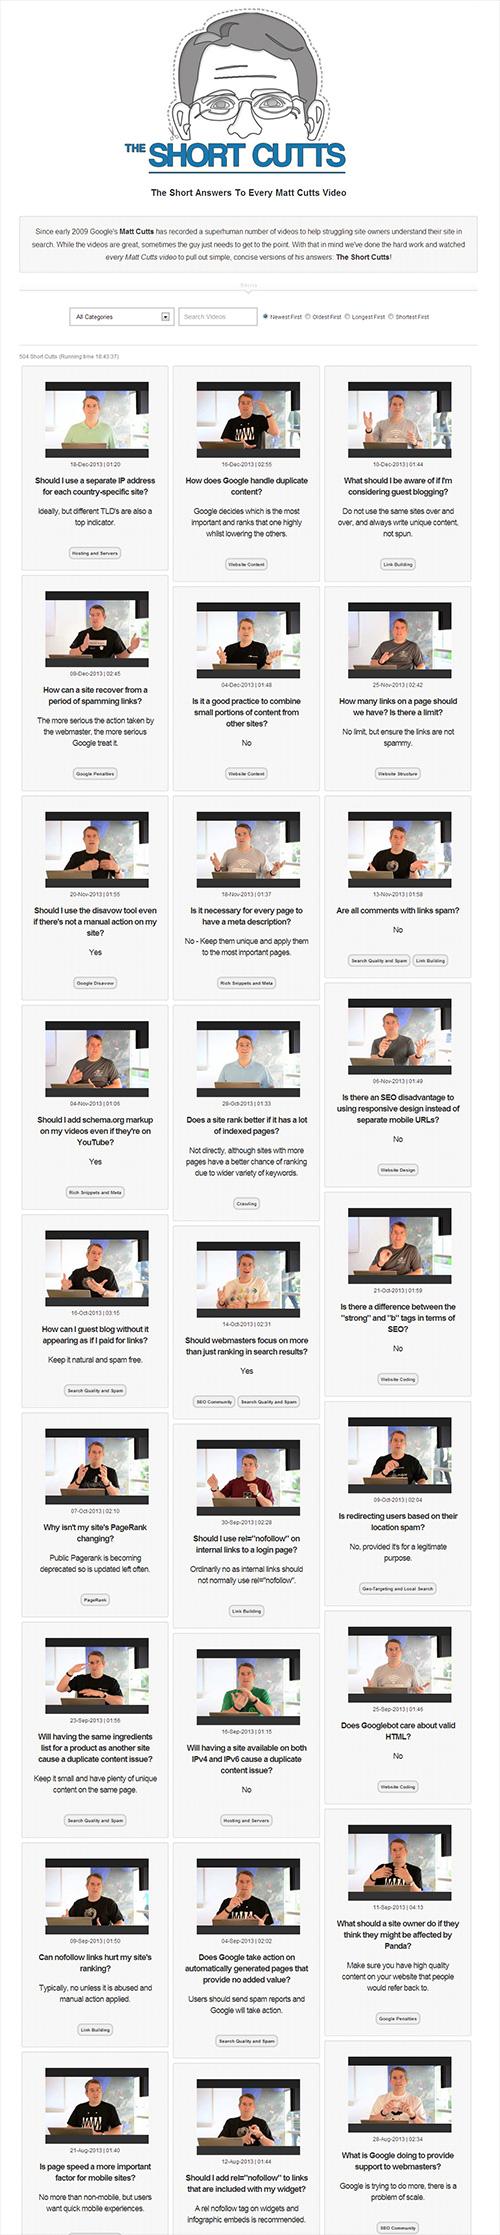 Recopilación de todas las respuestas de Matt Cutts en sus vídeos (WEB)